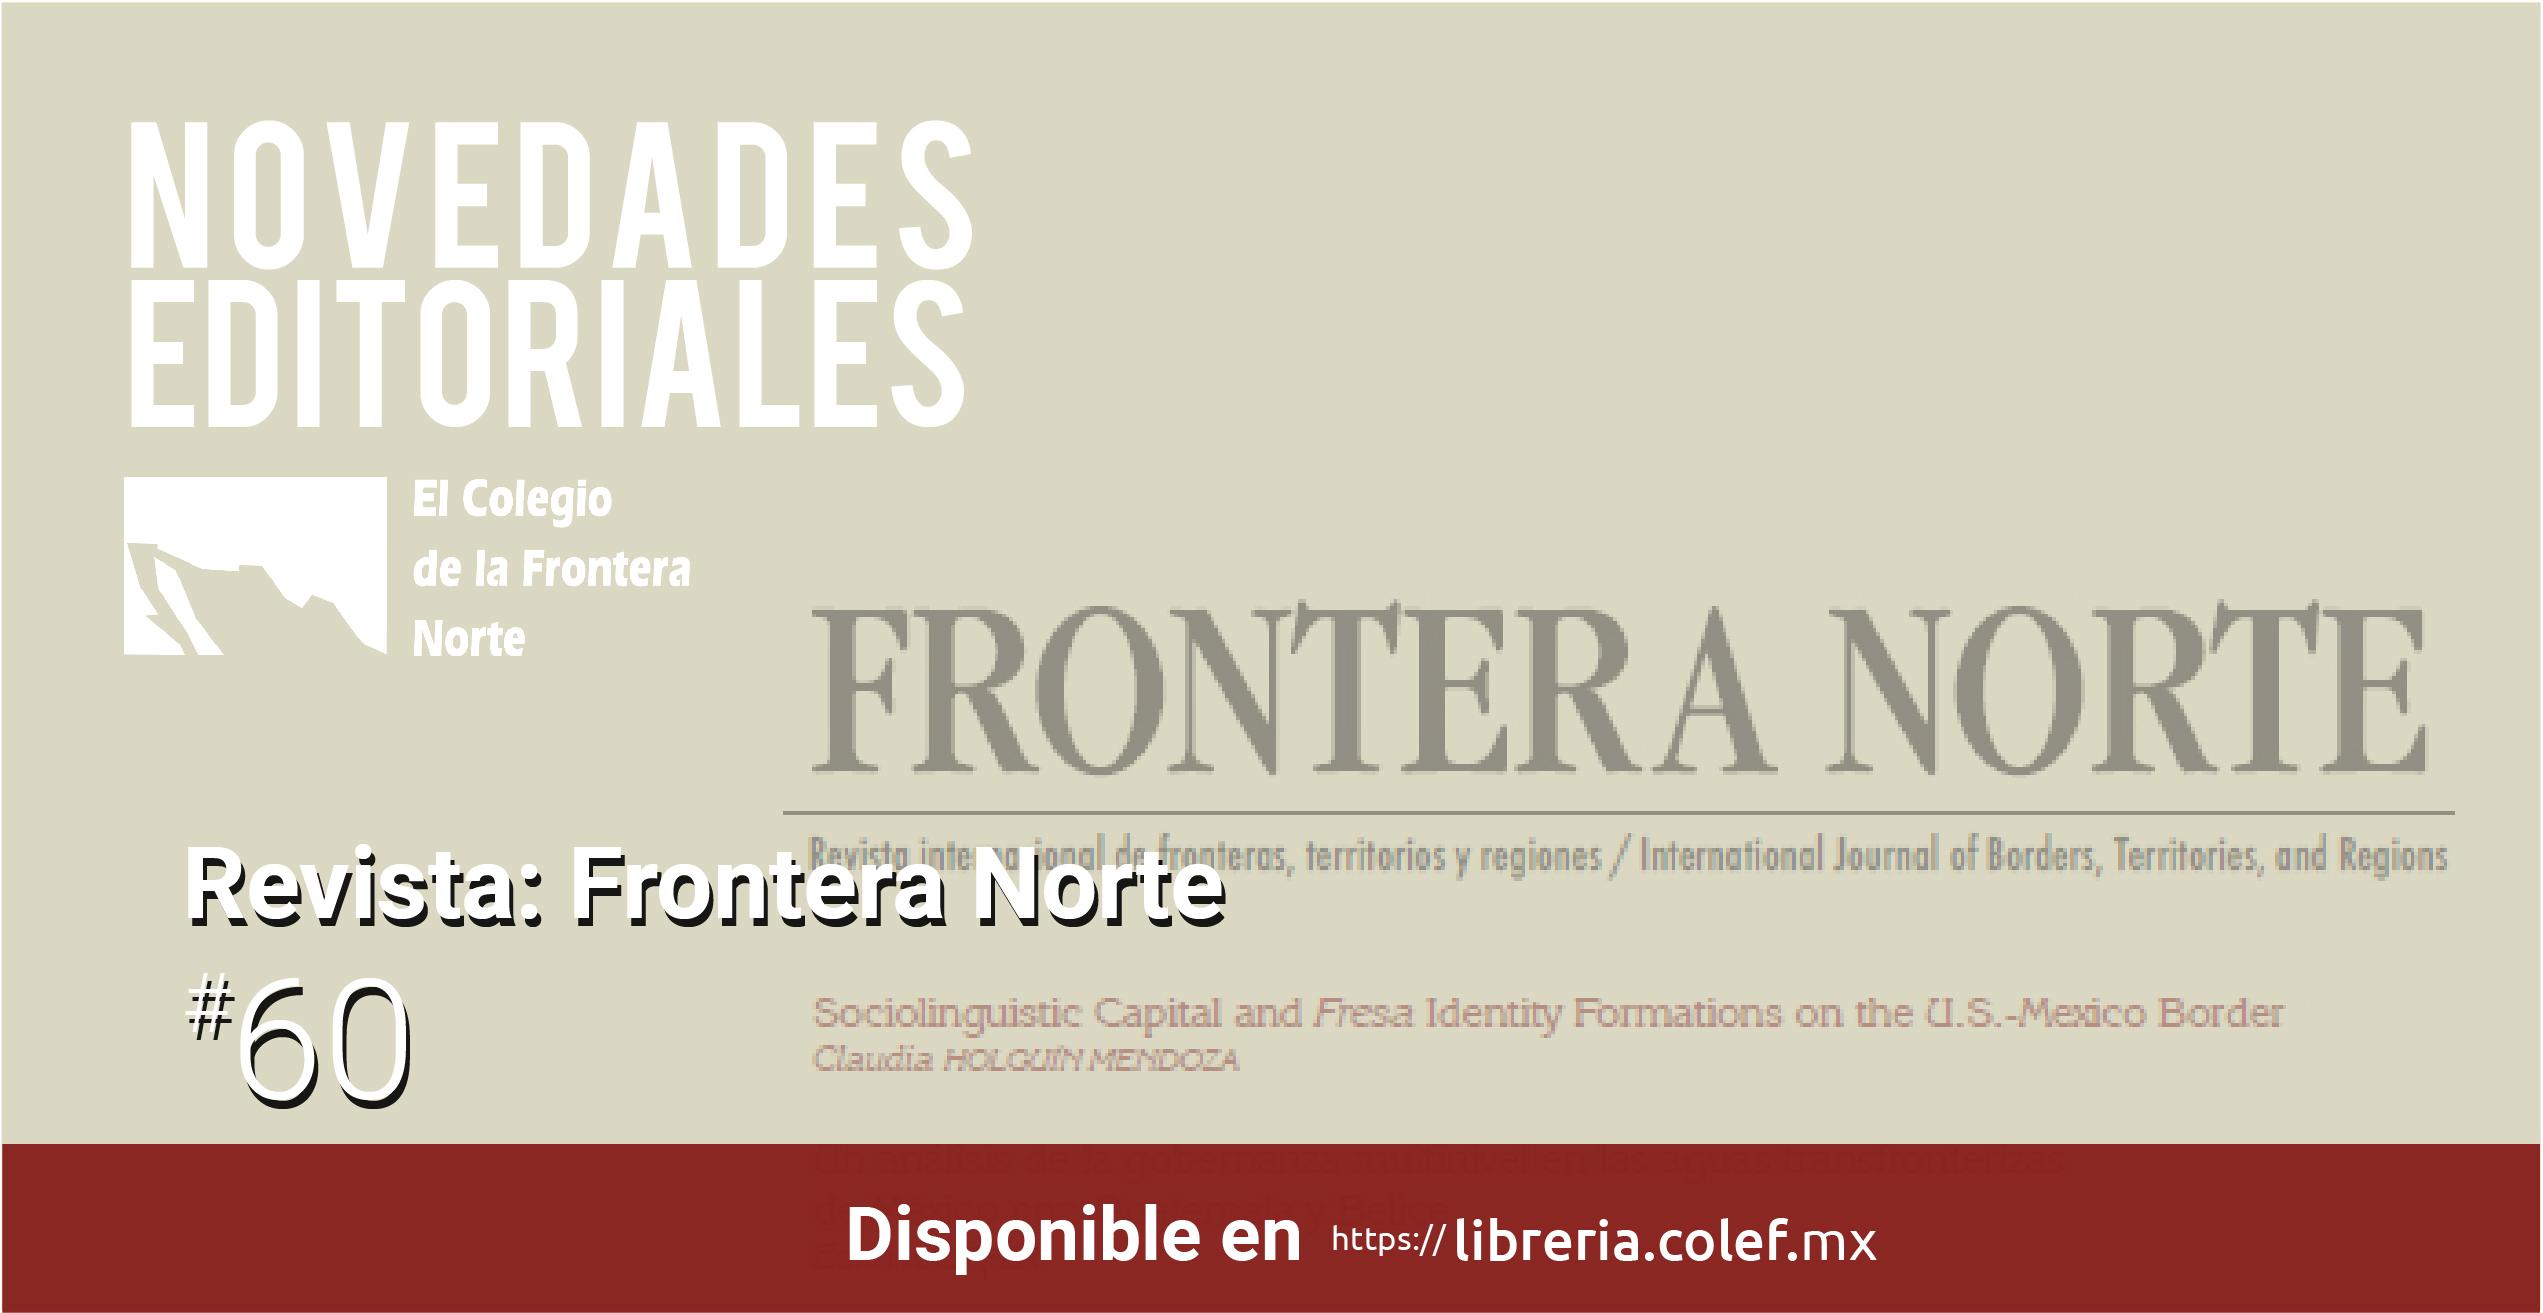 Banner Novedad editorial